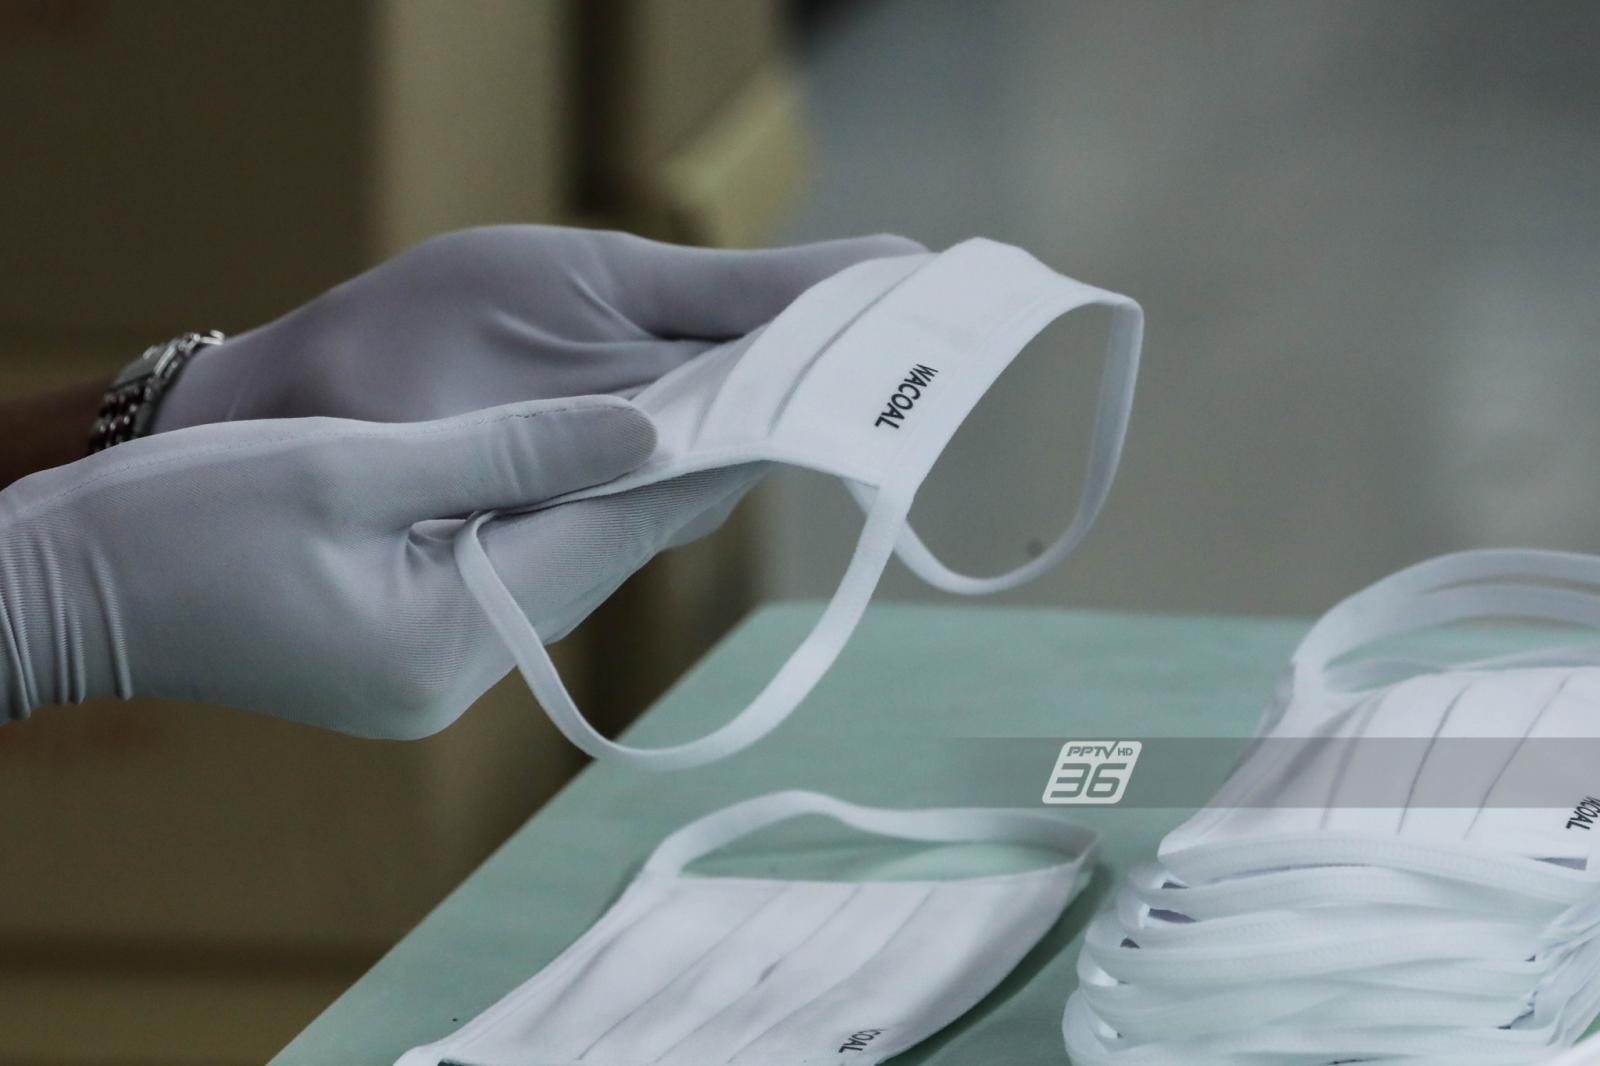 """""""เอไอเอส"""" พัฒนาหุ่นยนต์ช่วยแพทย์รักษาโควิด - """"วาโก้"""" ผลิตหน้ากากผ้าแจก 2 แสนชิ้น"""